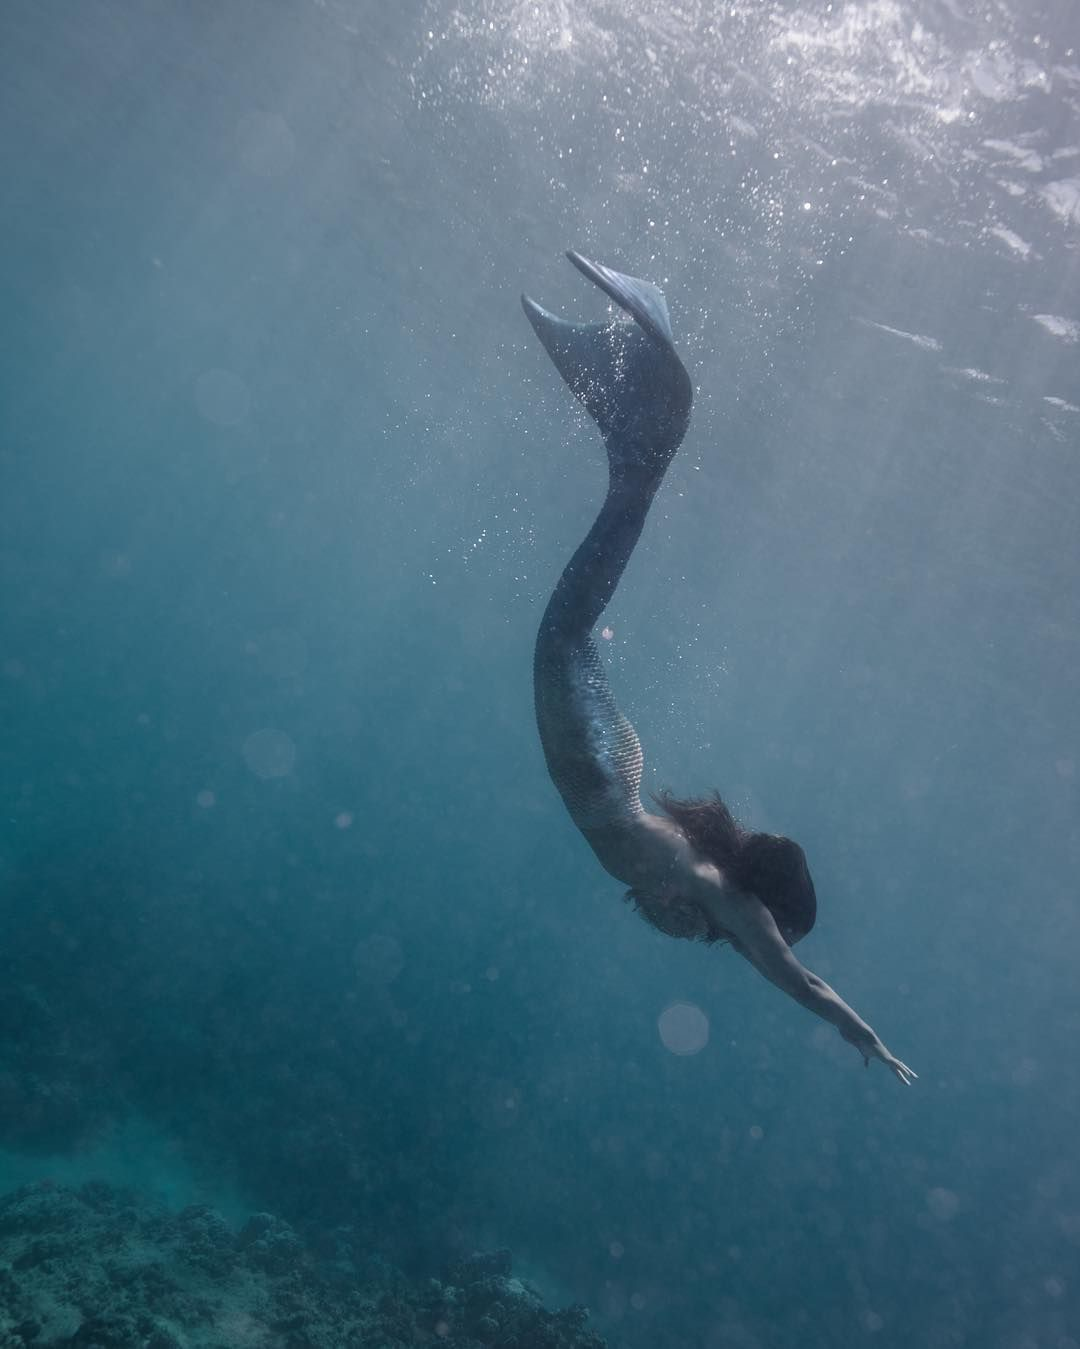 Sirène sous la mer - Caractère Spécial Architecture